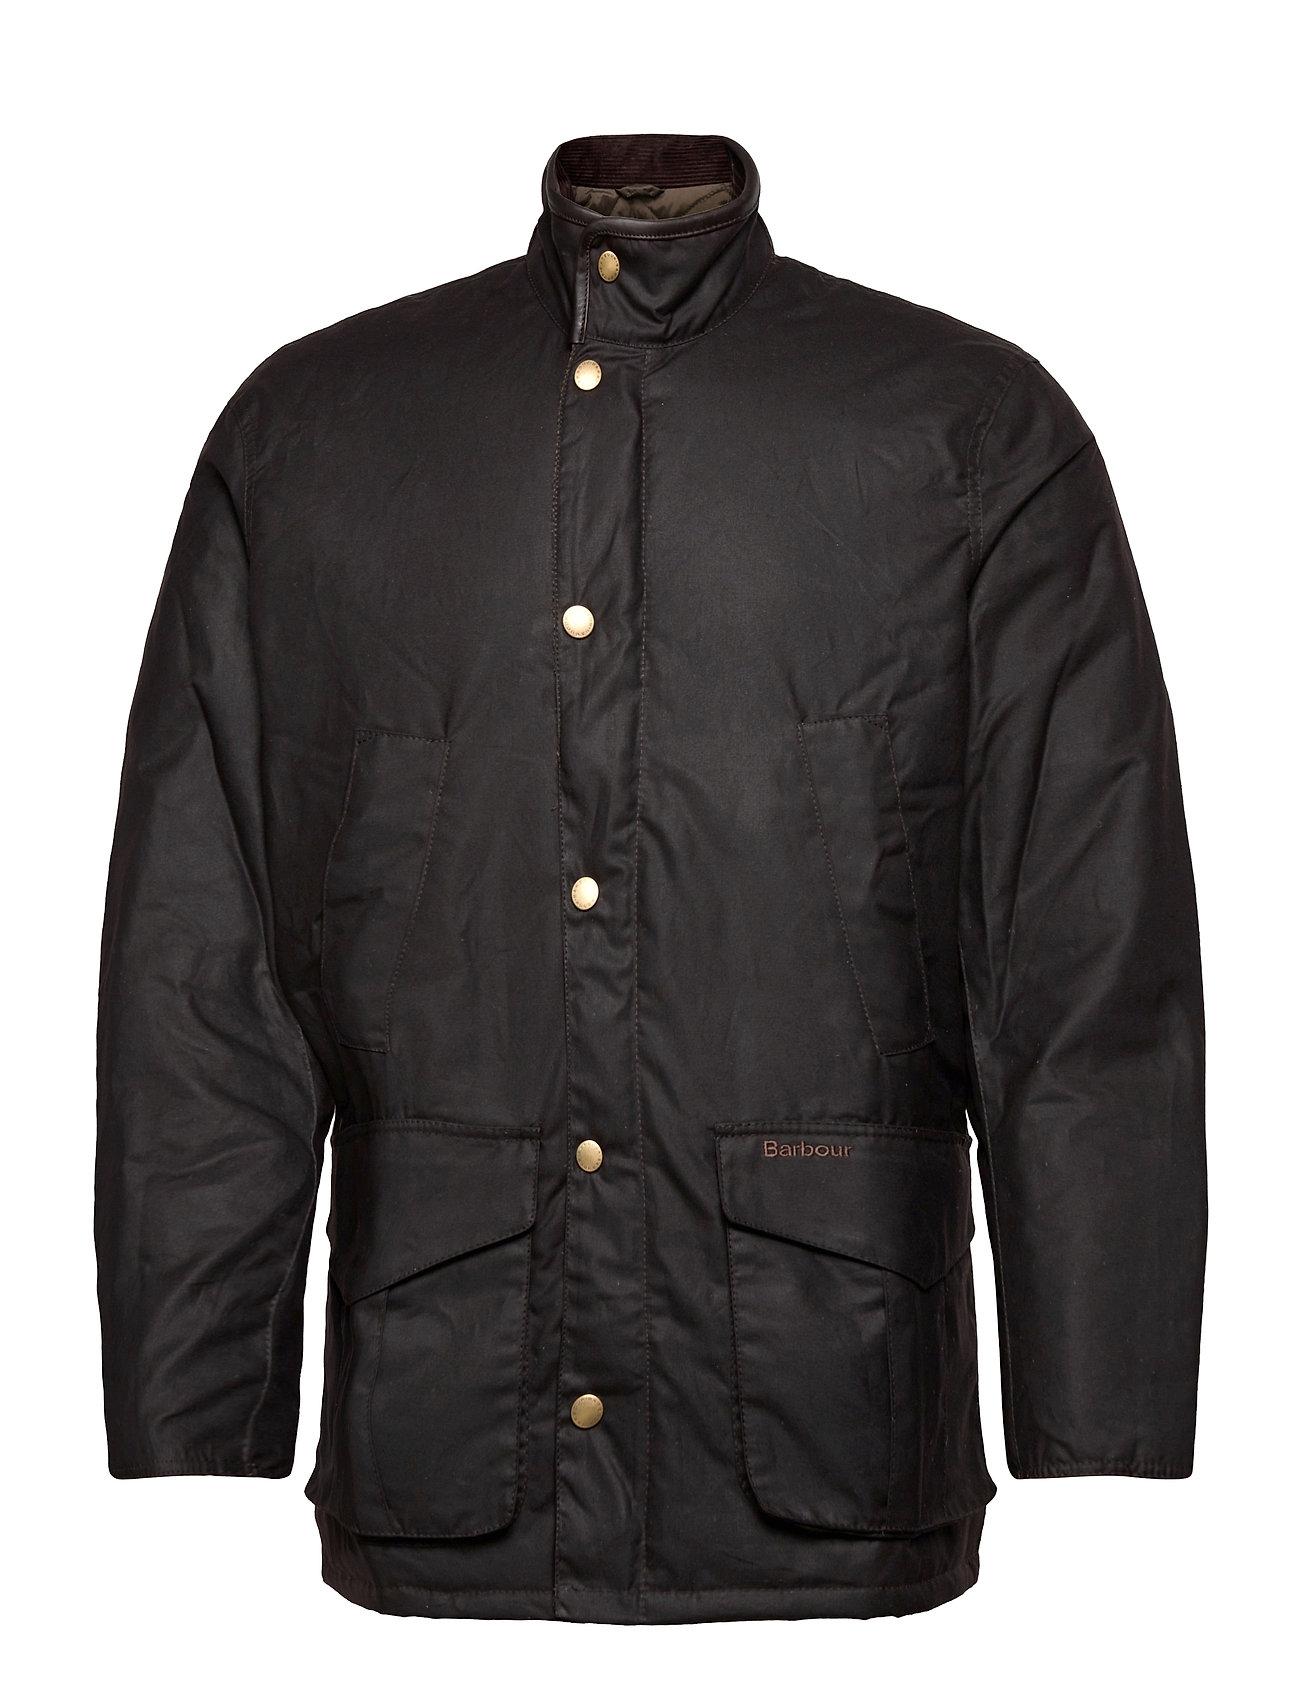 Barbour Hereford Jacket Parka Jakke Brun Barbour